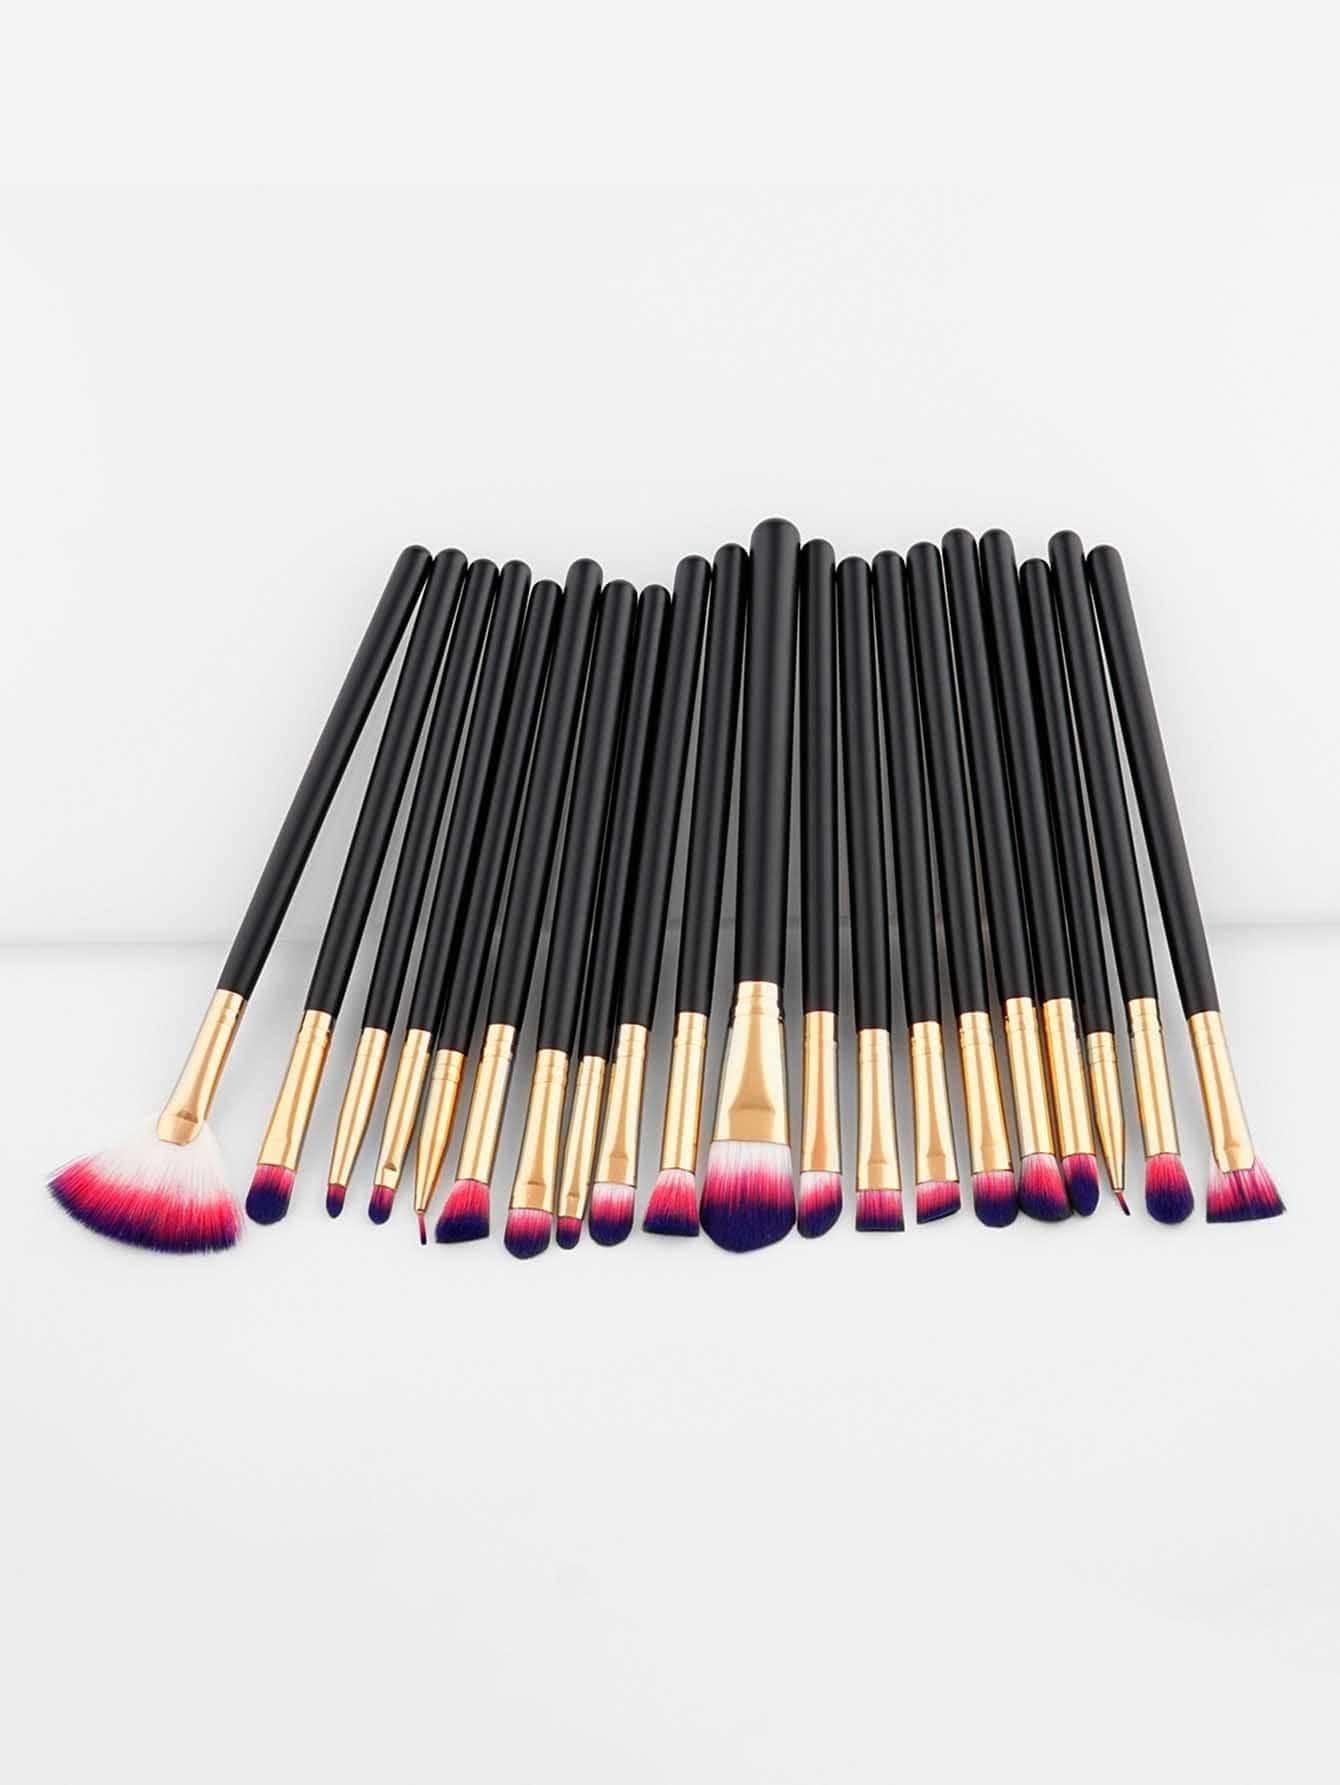 Color Block Bristle Makeup Brush 20pcs ombre bristle makeup brush 12pcs